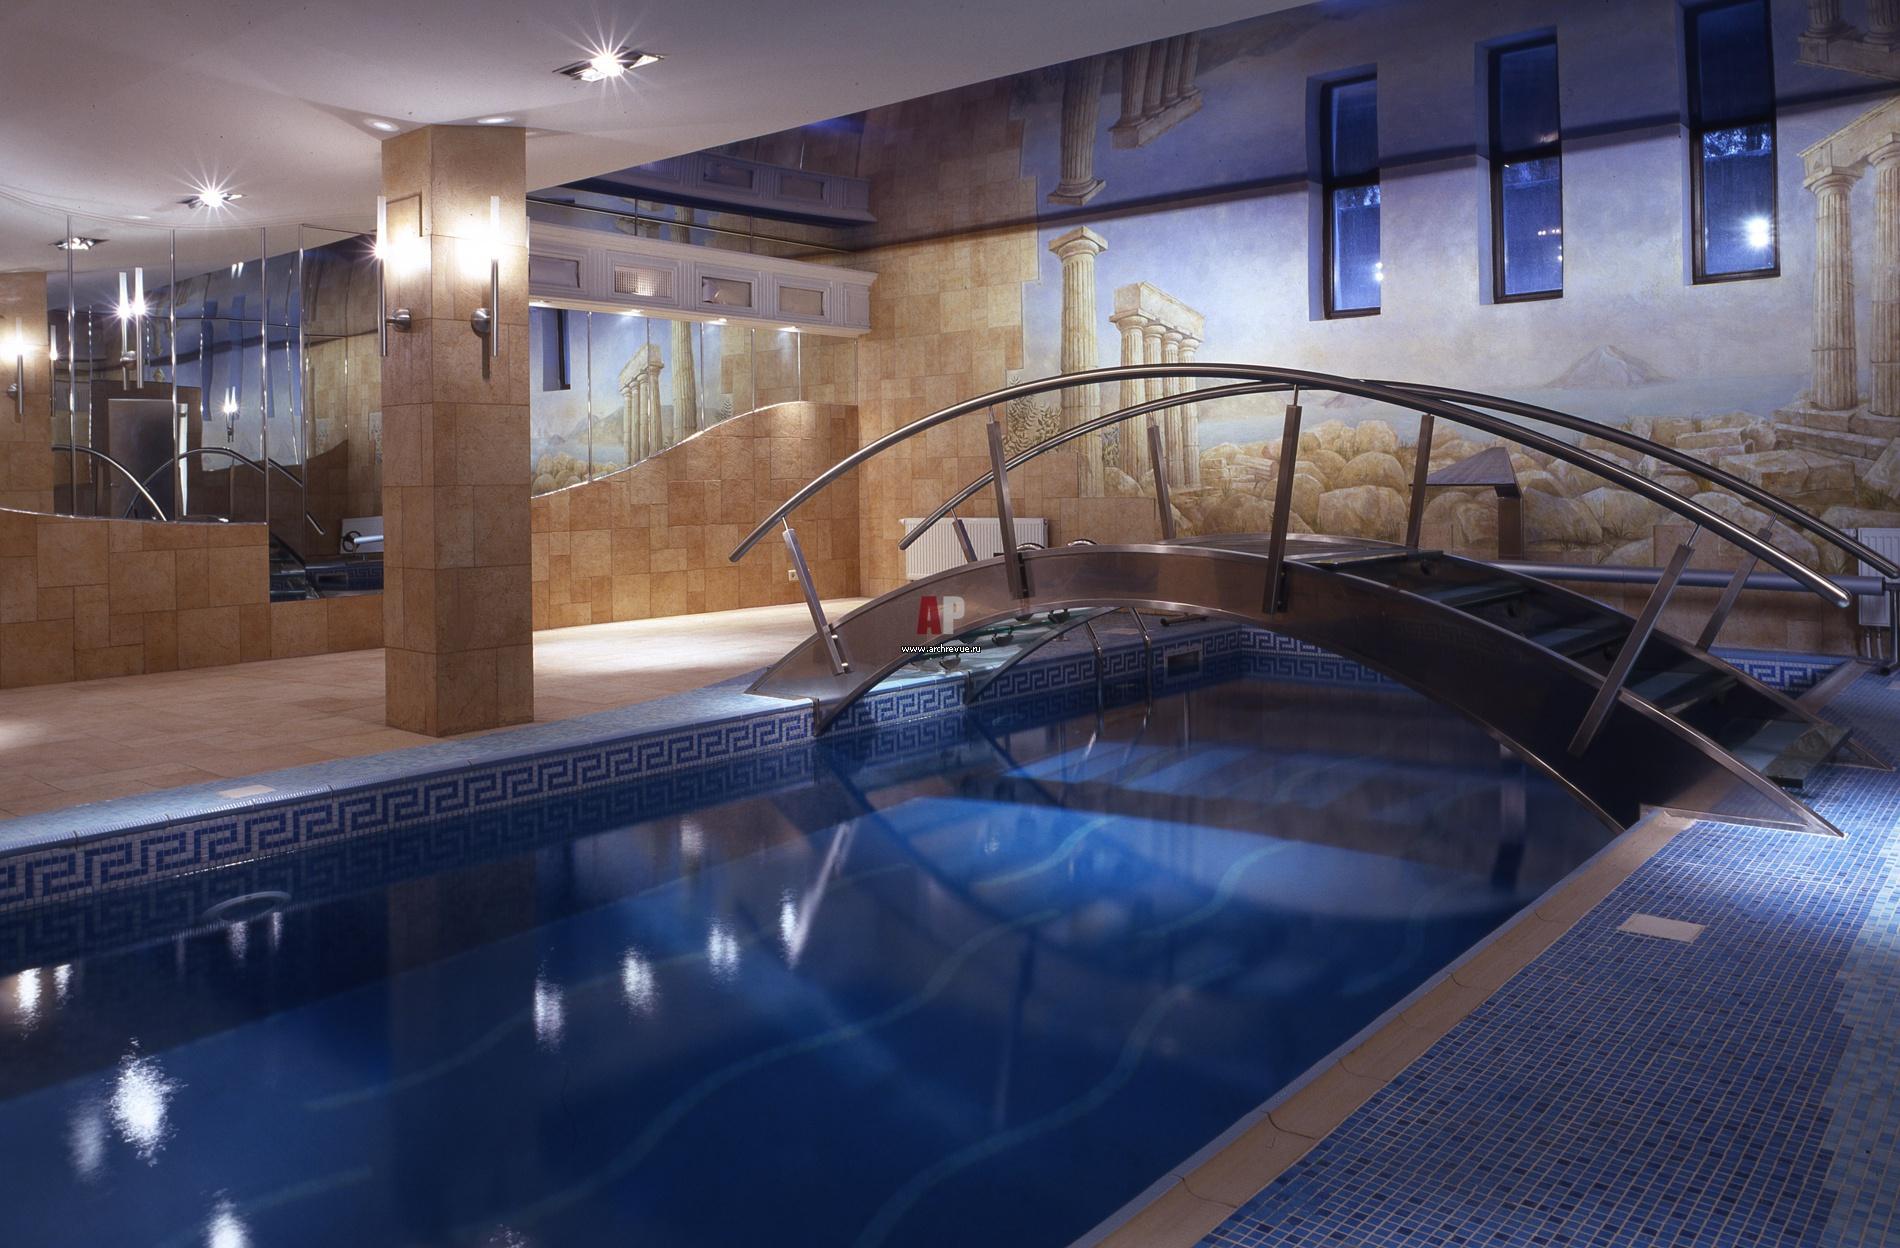 Фото раздевалки в бассейне 9 фотография